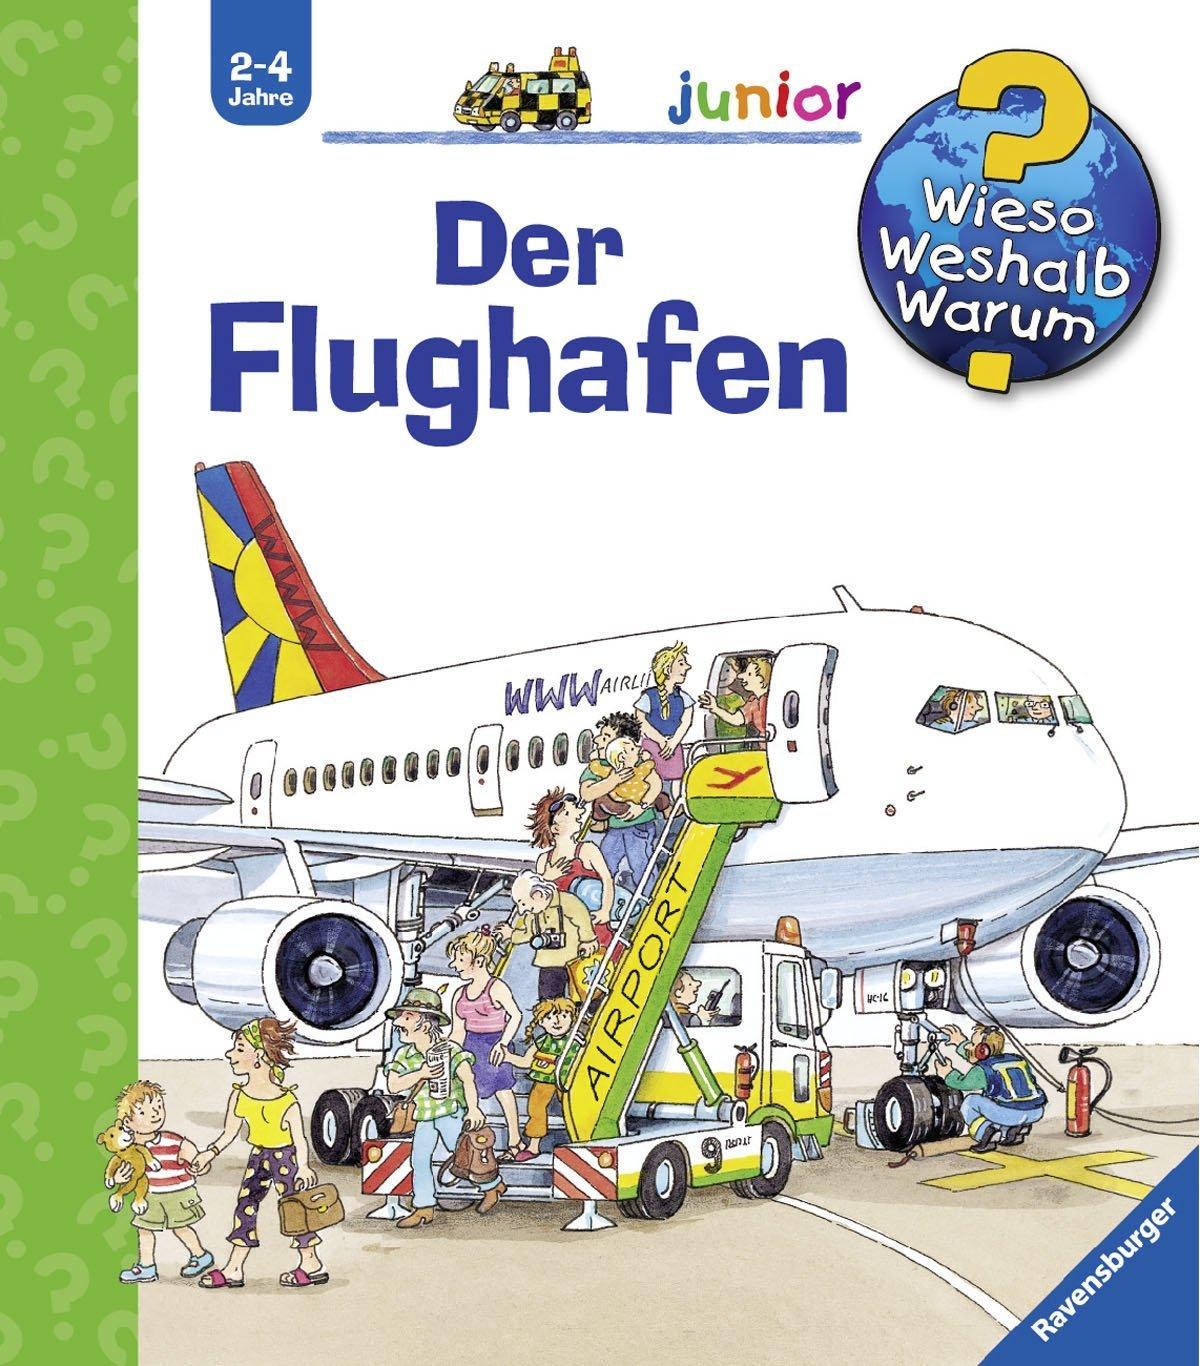 Wissen für die Kleinsten: Der Flughafen © Amazon.de